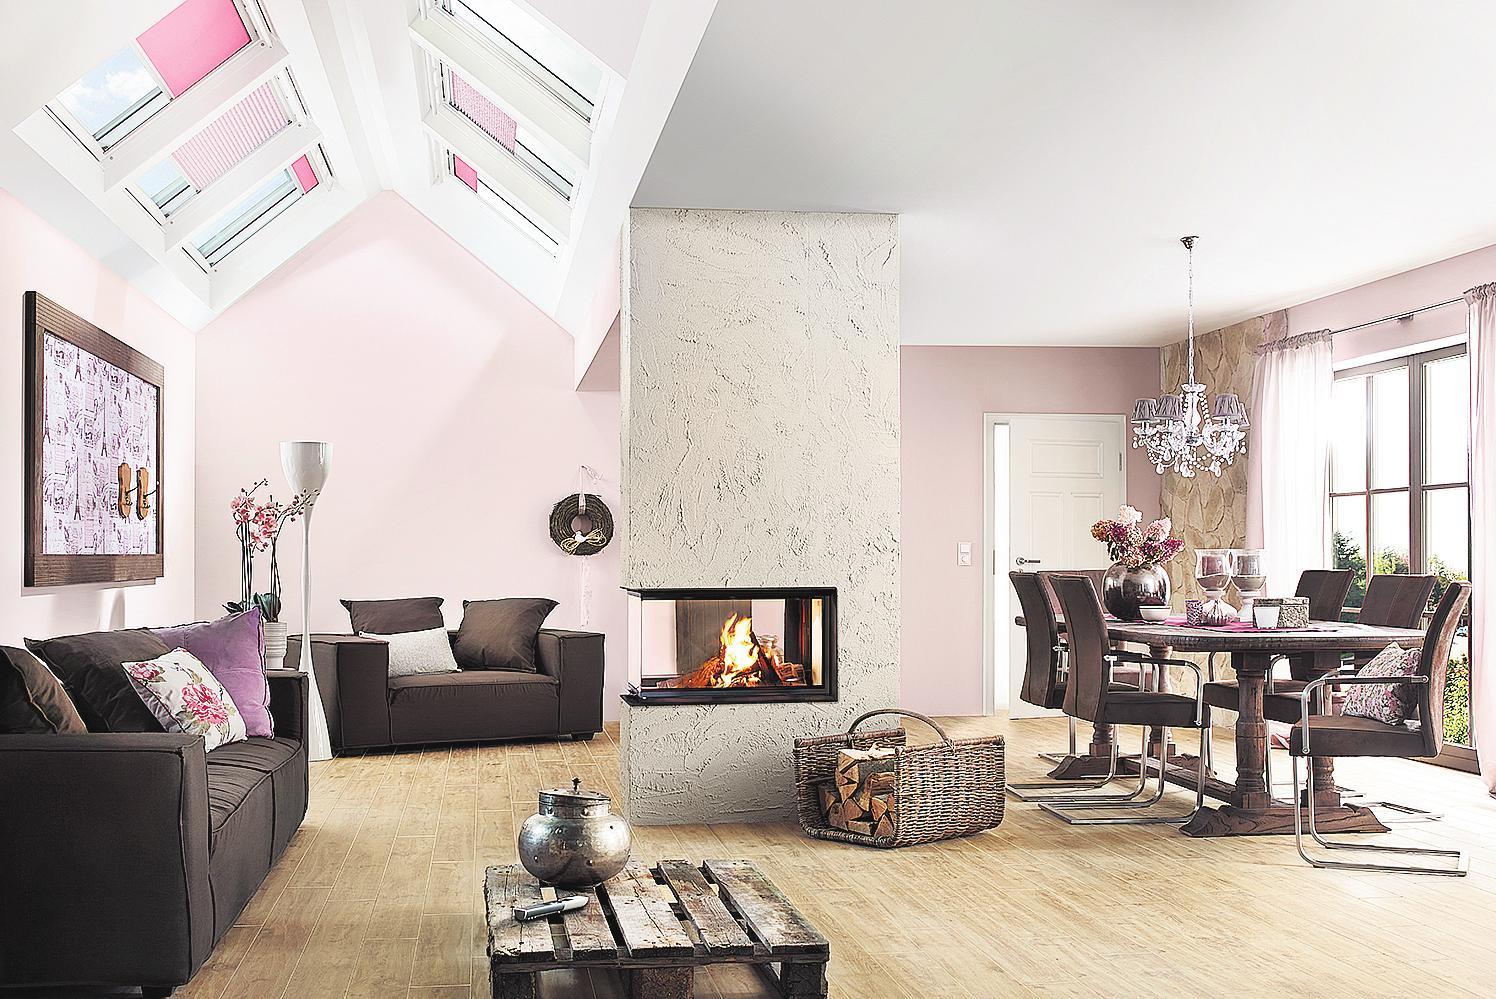 Ein moderner Kamin oder Ofen passt sich seiner Umgebung sehr gut an. FOTO: PR